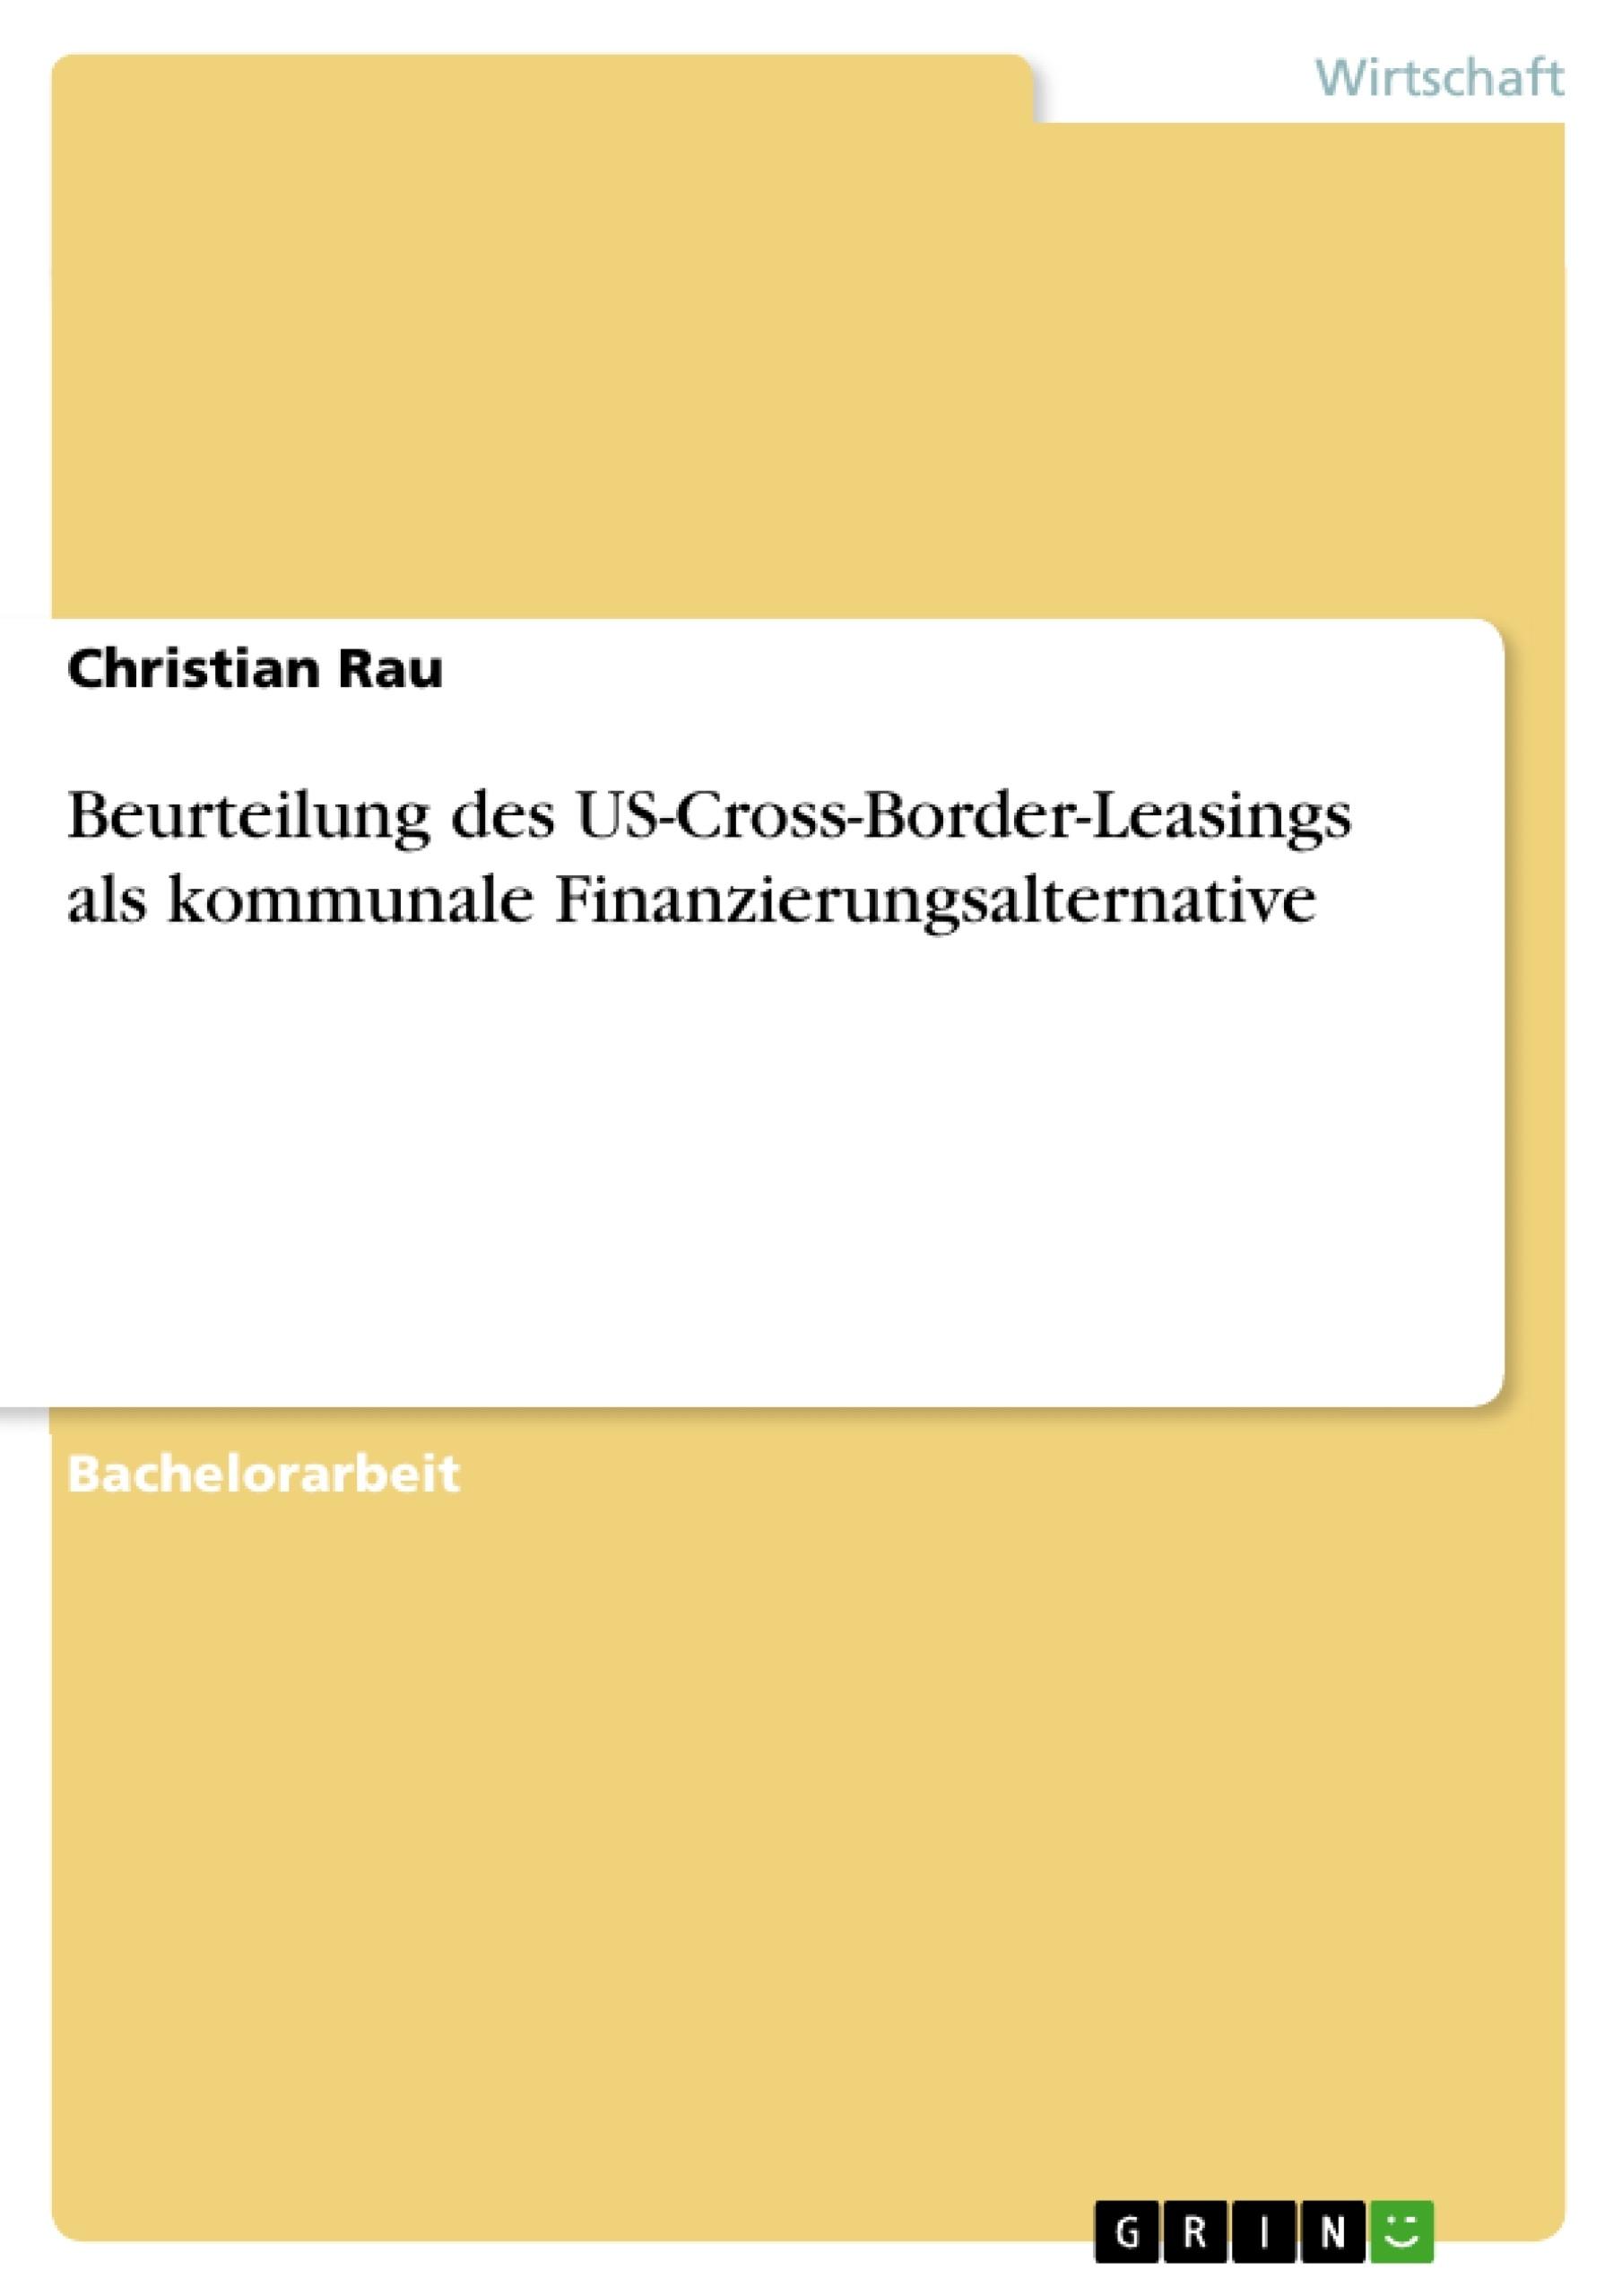 Titel: Beurteilung des US-Cross-Border-Leasings als  kommunale Finanzierungsalternative